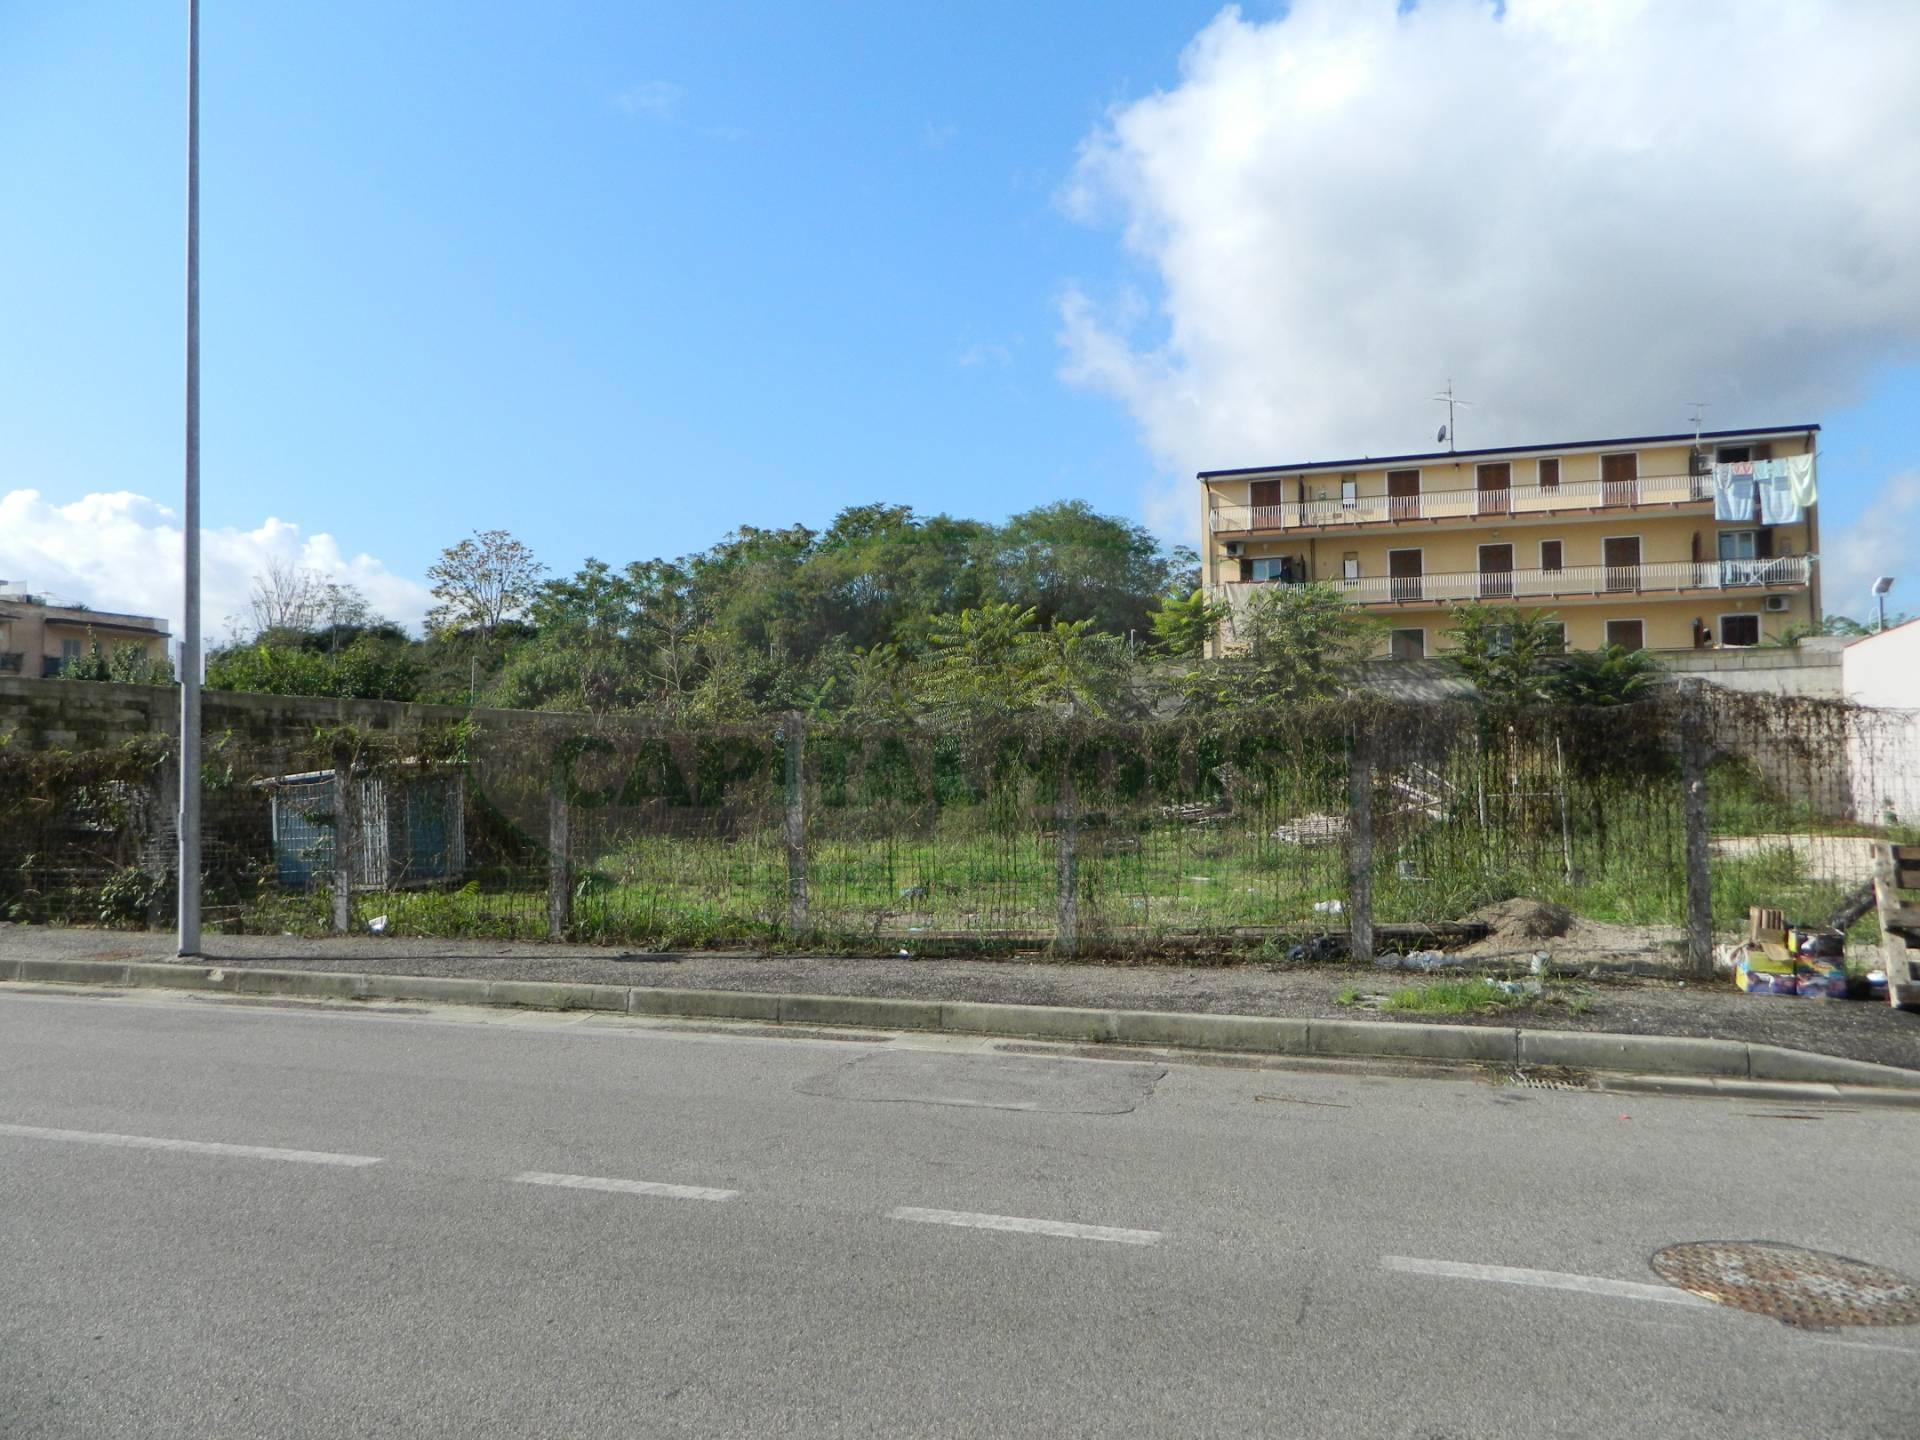 Terreno Agricolo in vendita a Frattamaggiore, 9999 locali, Trattative riservate   CambioCasa.it